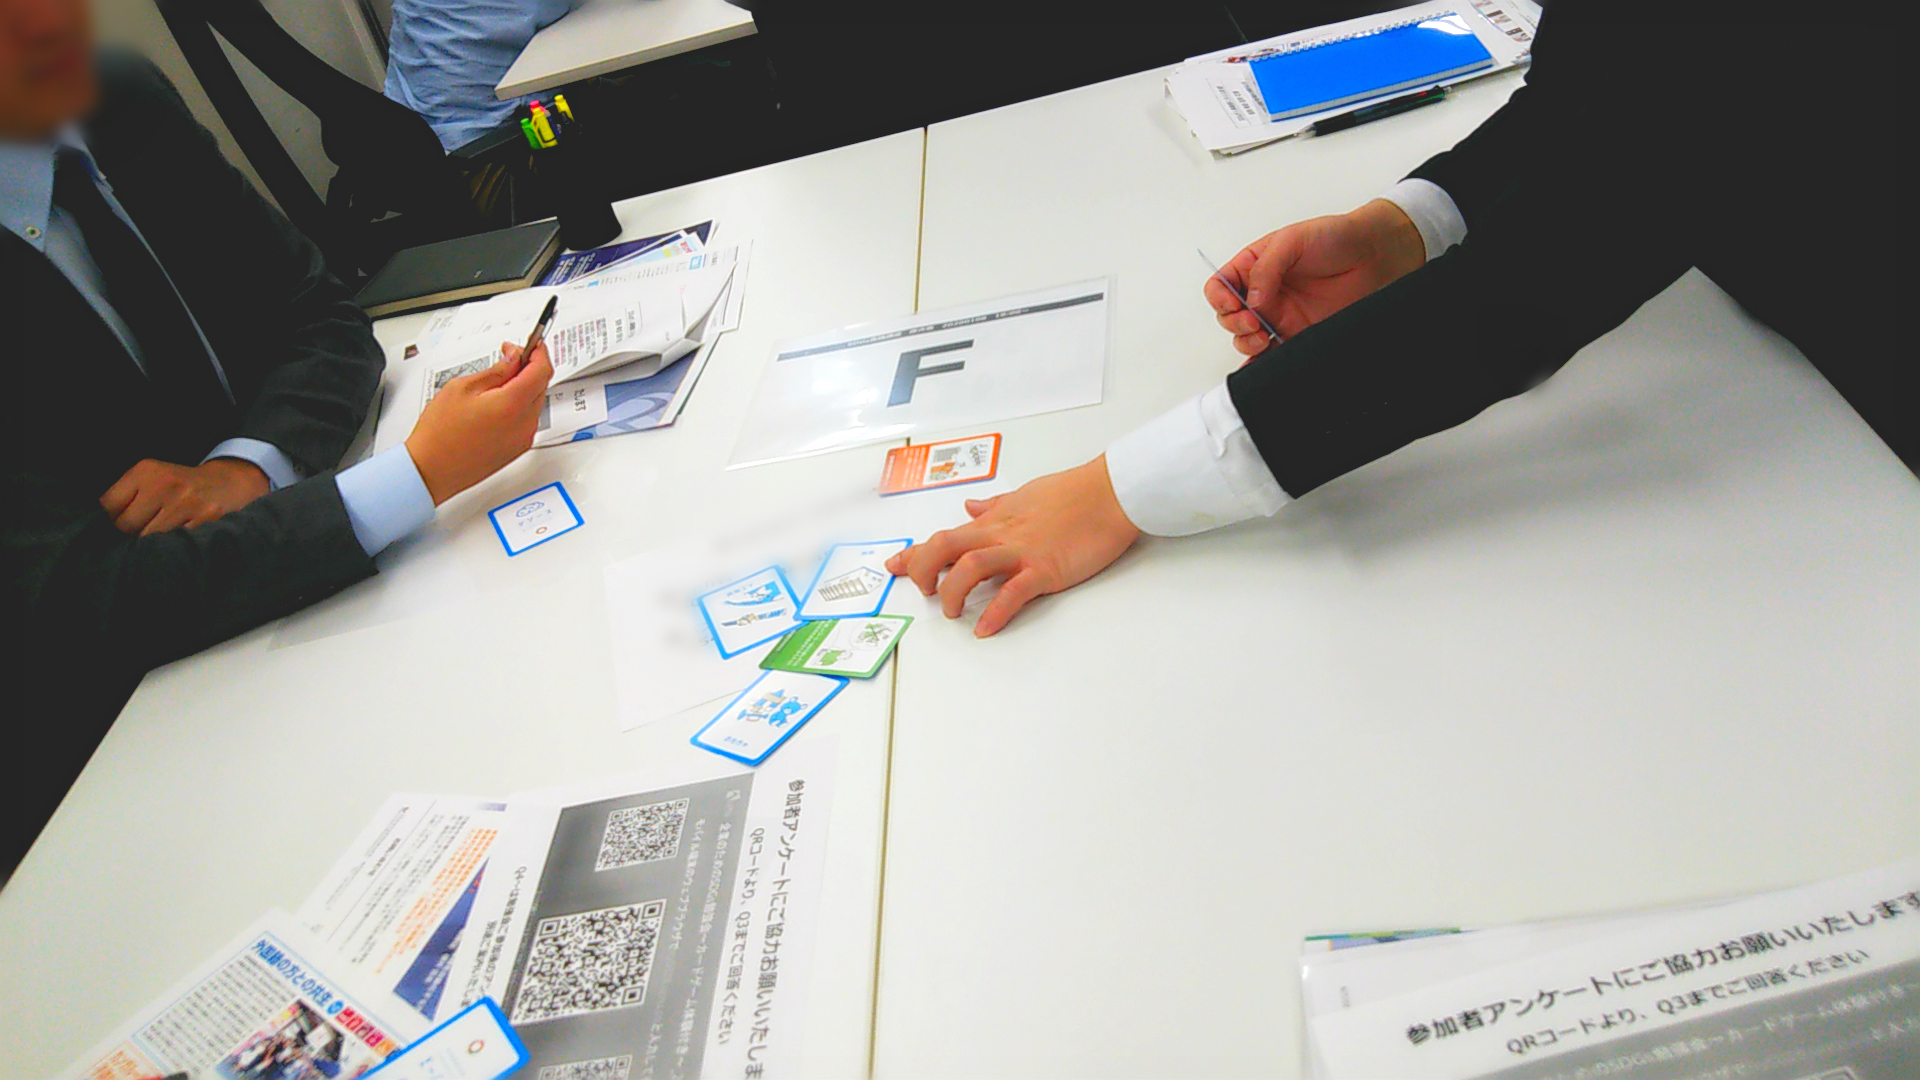 カードゲームでSDGsを題材にしたイノベーションを体験!「SDGs勉強会」開催レポート - カードゲームでSDGsを題材にしたイノベーションを体験!「SDGs勉強会」開催レポート